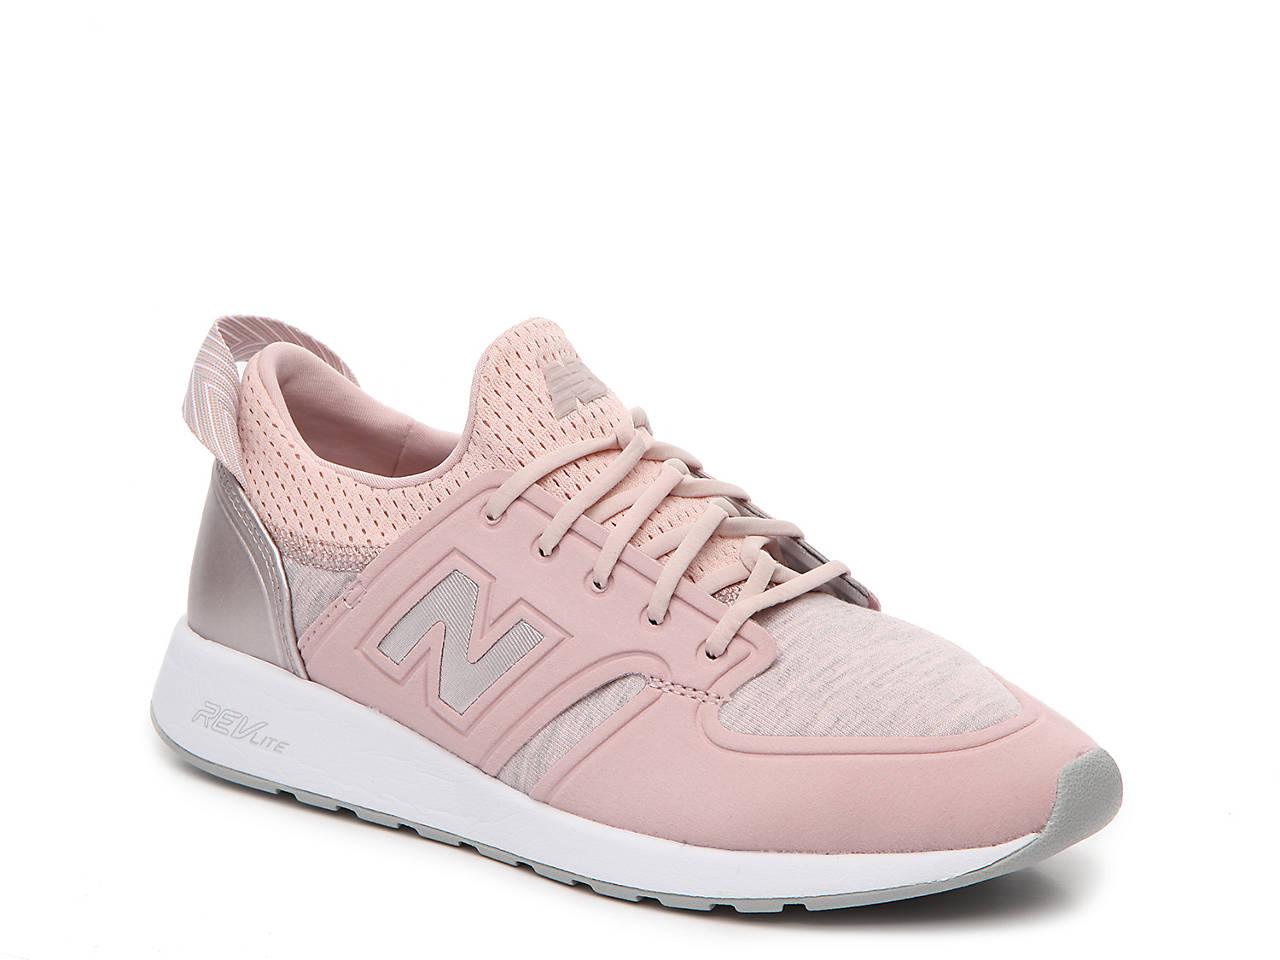 ec955b674f755 New Balance 420 Metallic Slip-On Sneaker - Women's Women's Shoes | DSW